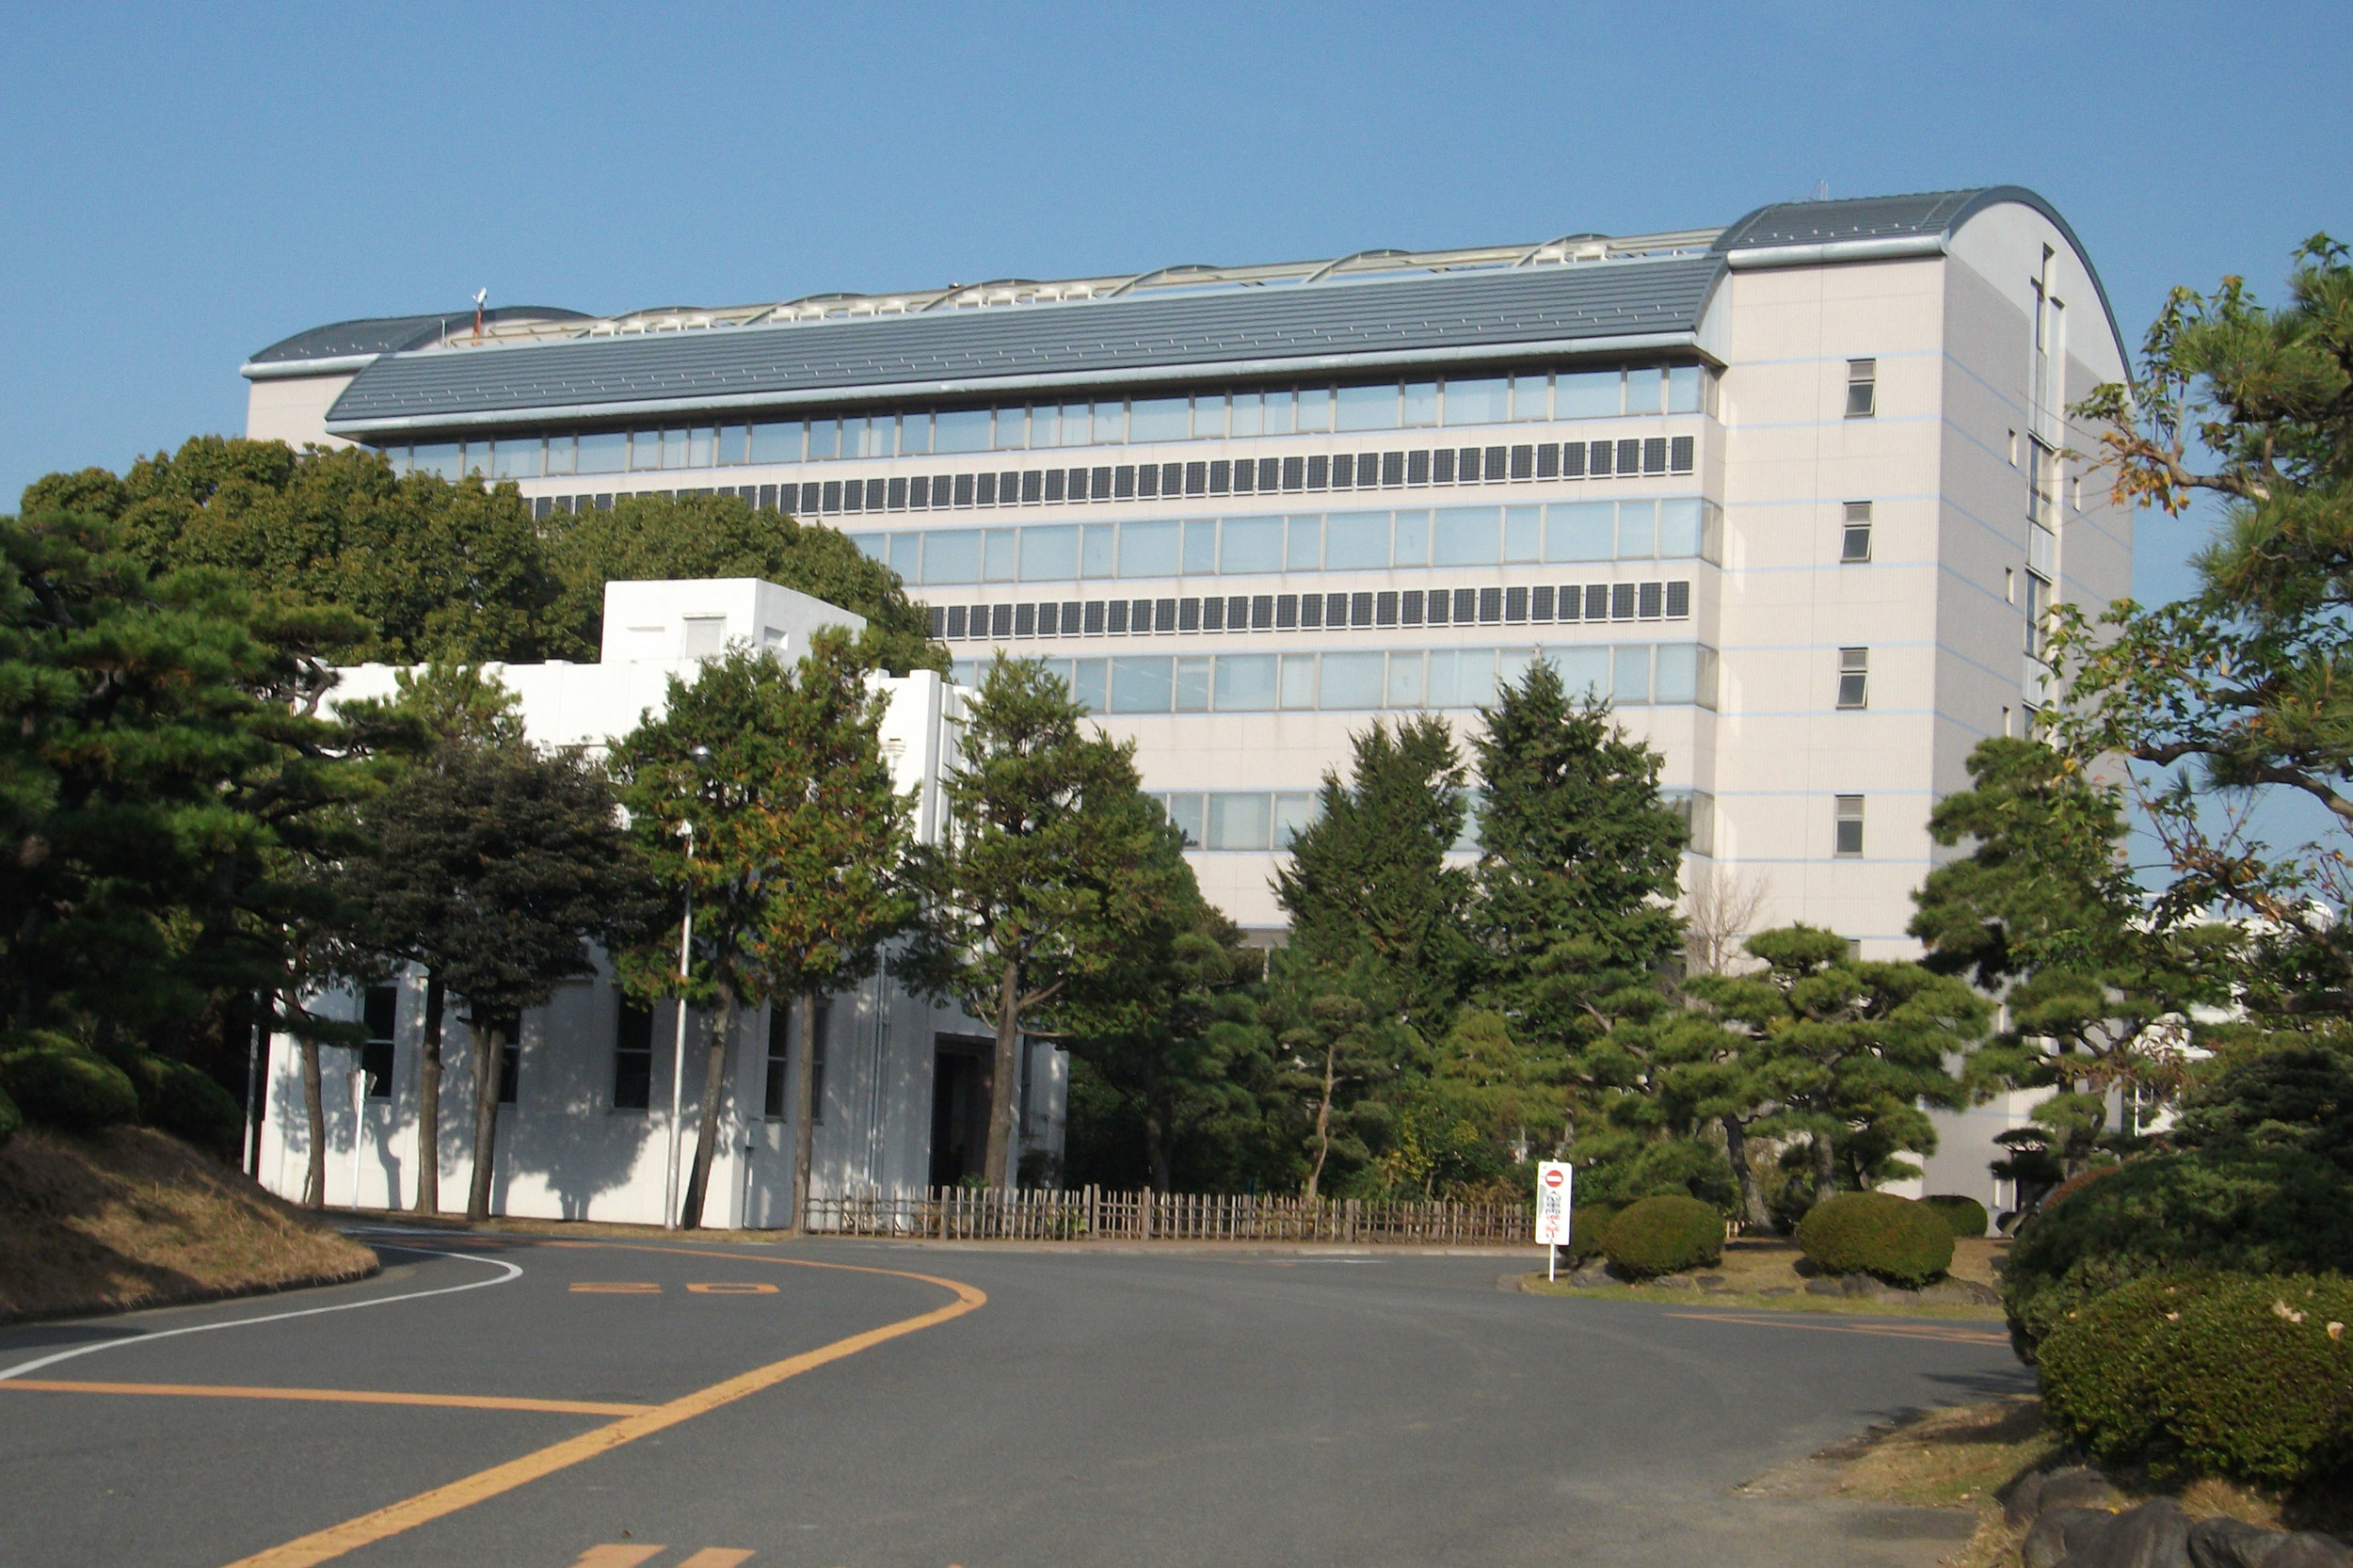 YOKOHAMA Forschungs- und Entwicklungszentrum RADIC nutzt Solarkollektoren zur Energiegewinnung